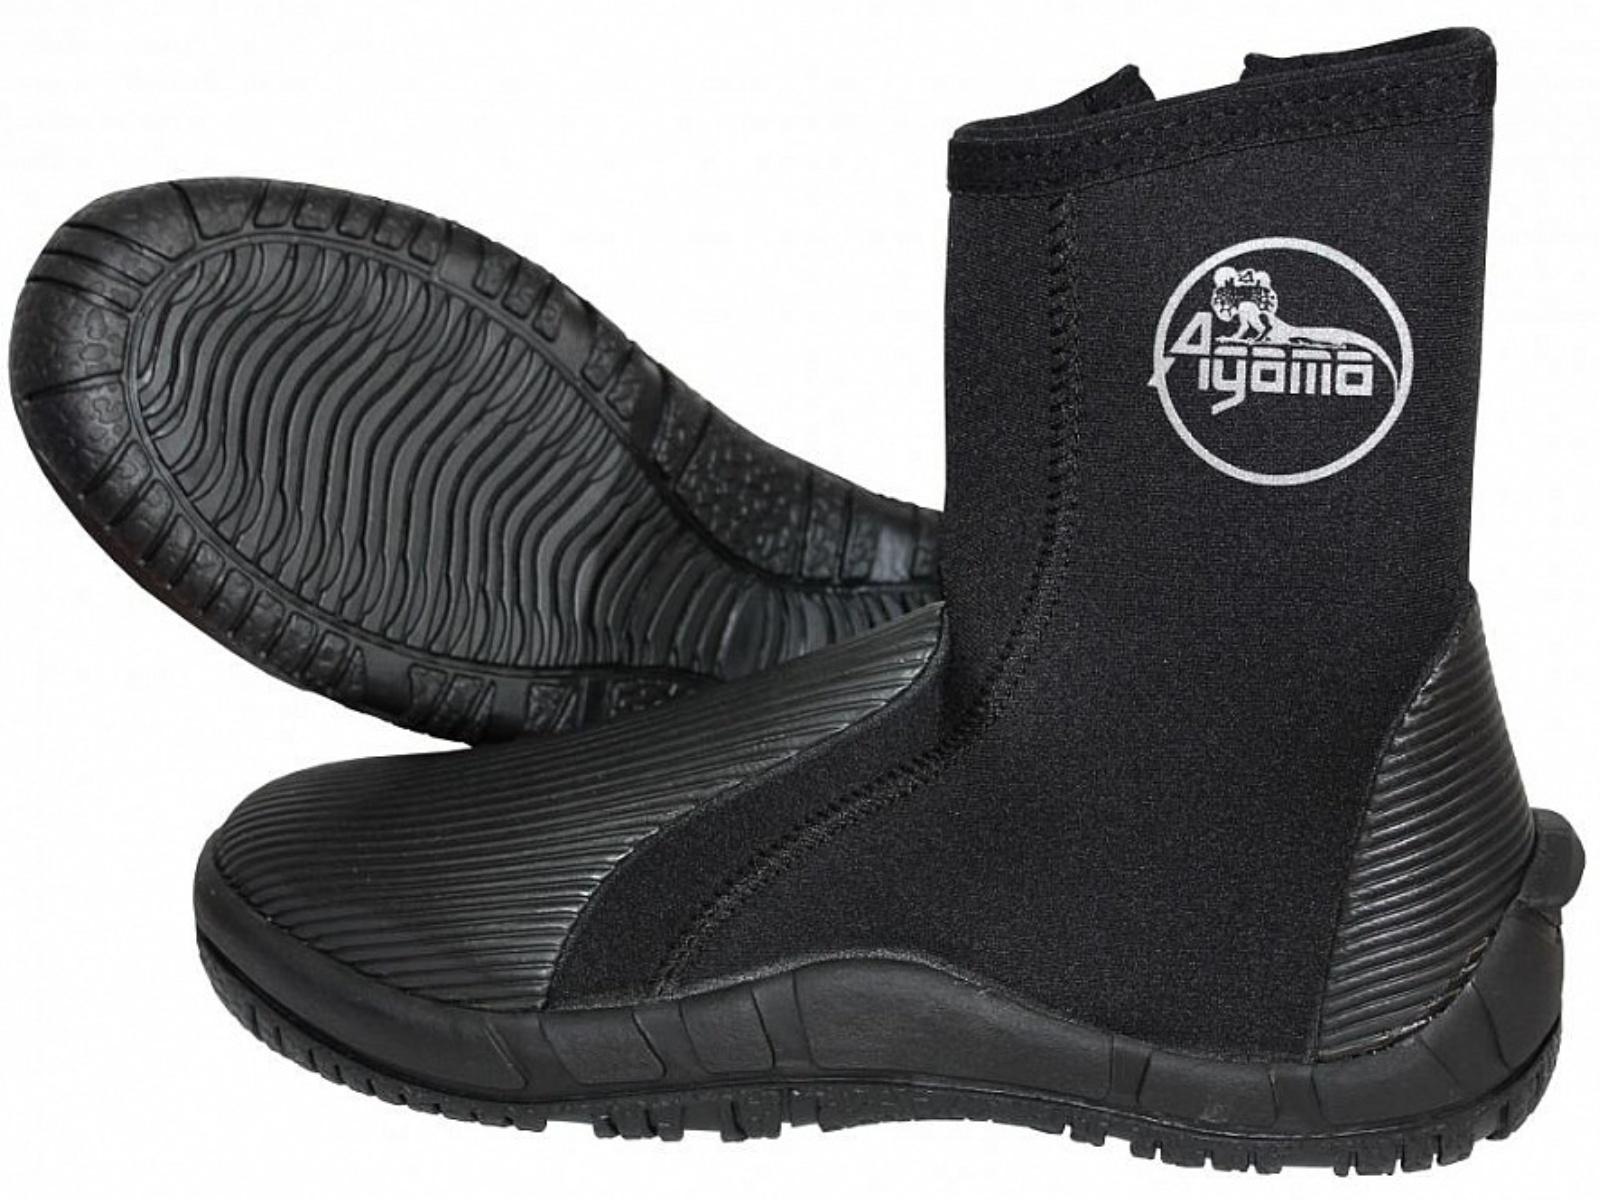 Neoprénové topánky AGAMA Warcraft 5 mm - veľ. 36